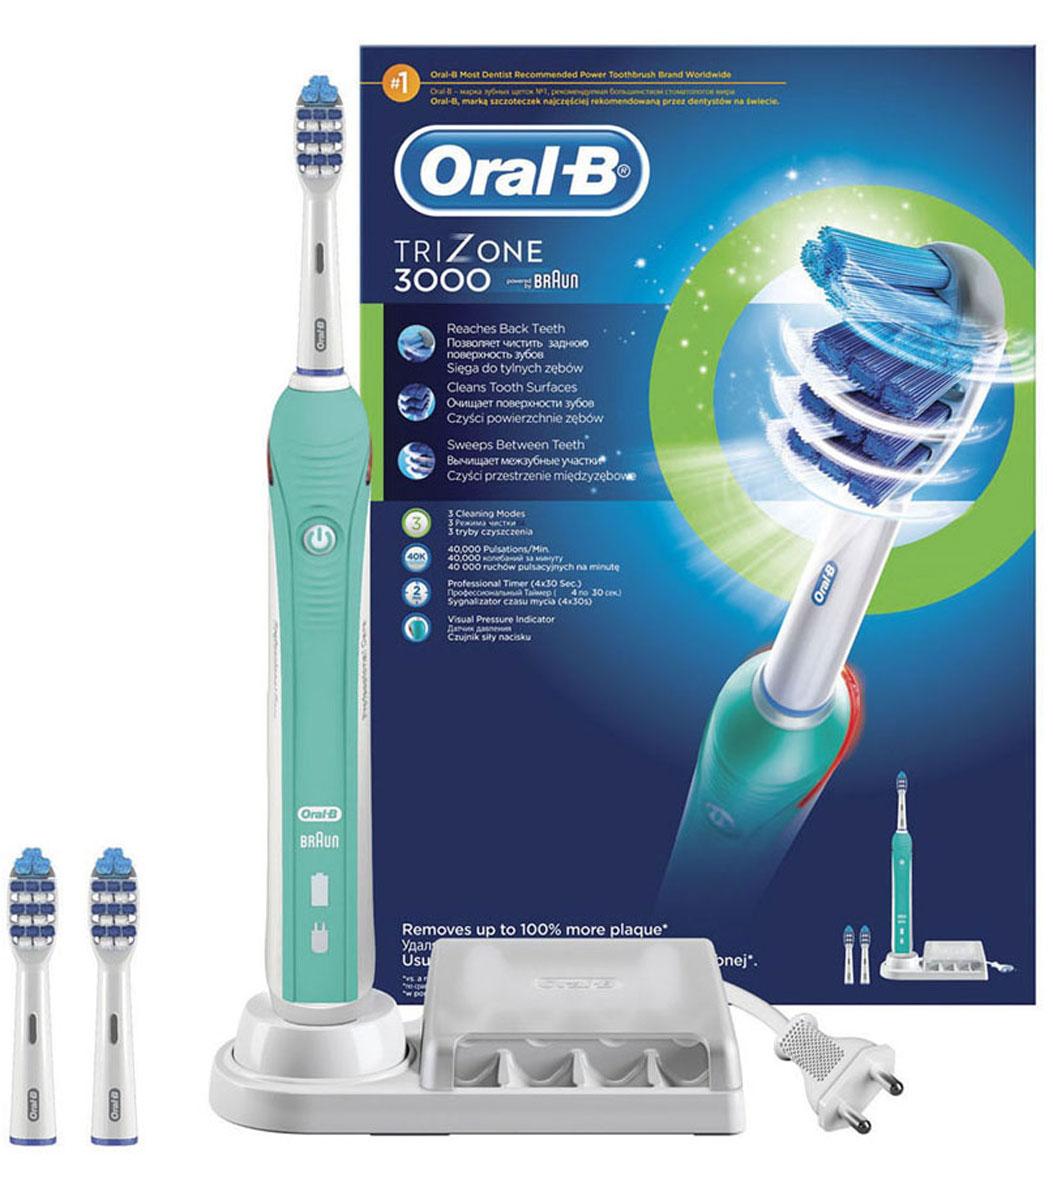 Электрическая зубная щетка Oral-B TriZone 3000CRS-80228236Благодаря специально разработанному дизайну головки зубная щетка TriZone достает до трудноступных мест, очищает поверхность зубов и проникает между зубами. Щетка разработана специально для тех, кто привык к классической технике чистки мануальной щеткой (выметающими движениями).Oral-B Trizone - единственная электрическая зубная щётка с использованием технологии трёхзонной чистки: Выступающие щетинки Power Tip очищают труднодоступные места, стационарная пульсирующая щетина качественно очищает поверхность зубов, а удлиненная вращающаяся пульсирующая щетина проникает в межзубное пространство. Головка щётки на 20% меньше по размеру, но покрывает площадь на 43% больше, чем головка мануальной щётки.Комплектация: аккумуляторная электрическая зубная щетка (1 шт.), сменная насадка Trizone (3 шт.), зарядное устройство (1 шт.) Три режима чистки: «Ежедневная чистка», «Для чувствительных зубов» и «Отбеливание».- Голубые щетинки Indicator обеспечиваются наполовину, сигнализируя о необходимости замены насадки (чтобы постоянно получать превосходный результат, менять насадку рекомендуется в среднем раз в 3 месяца). Подходит для детей с 3 лет. Перейдите на новый уровень чистки за 2 минуты!* Oral-B – марка зубных щеток №1, используемая большинством стоматологов мира!* (* на основании международных опросов P&G среди репрезентативной выборки стоматологов, проводимых регулярно, в т.ч. 2013-2015 гг.) * Удаляет до 100% больше зубного налета по сравнению с обычной зубной щеткой без изменения привычной техники чистки. * 3 режима чистки + встроенный таймер обеспечивают комплексный уход в учетом рекомендий стоматологов. * Oral-B представляет большое разнообразие сменных насадок для электрических щеток. Все щетки Oral-B с возвратно-вращательной технологией (включая щетку Trizone) cочетаются со всеми насадками Oral-B (кроме звуковой насадки Sonic). Вы сможете подобрать насадку, максимально отвечающую вашим потребностям. * Производится в Ге